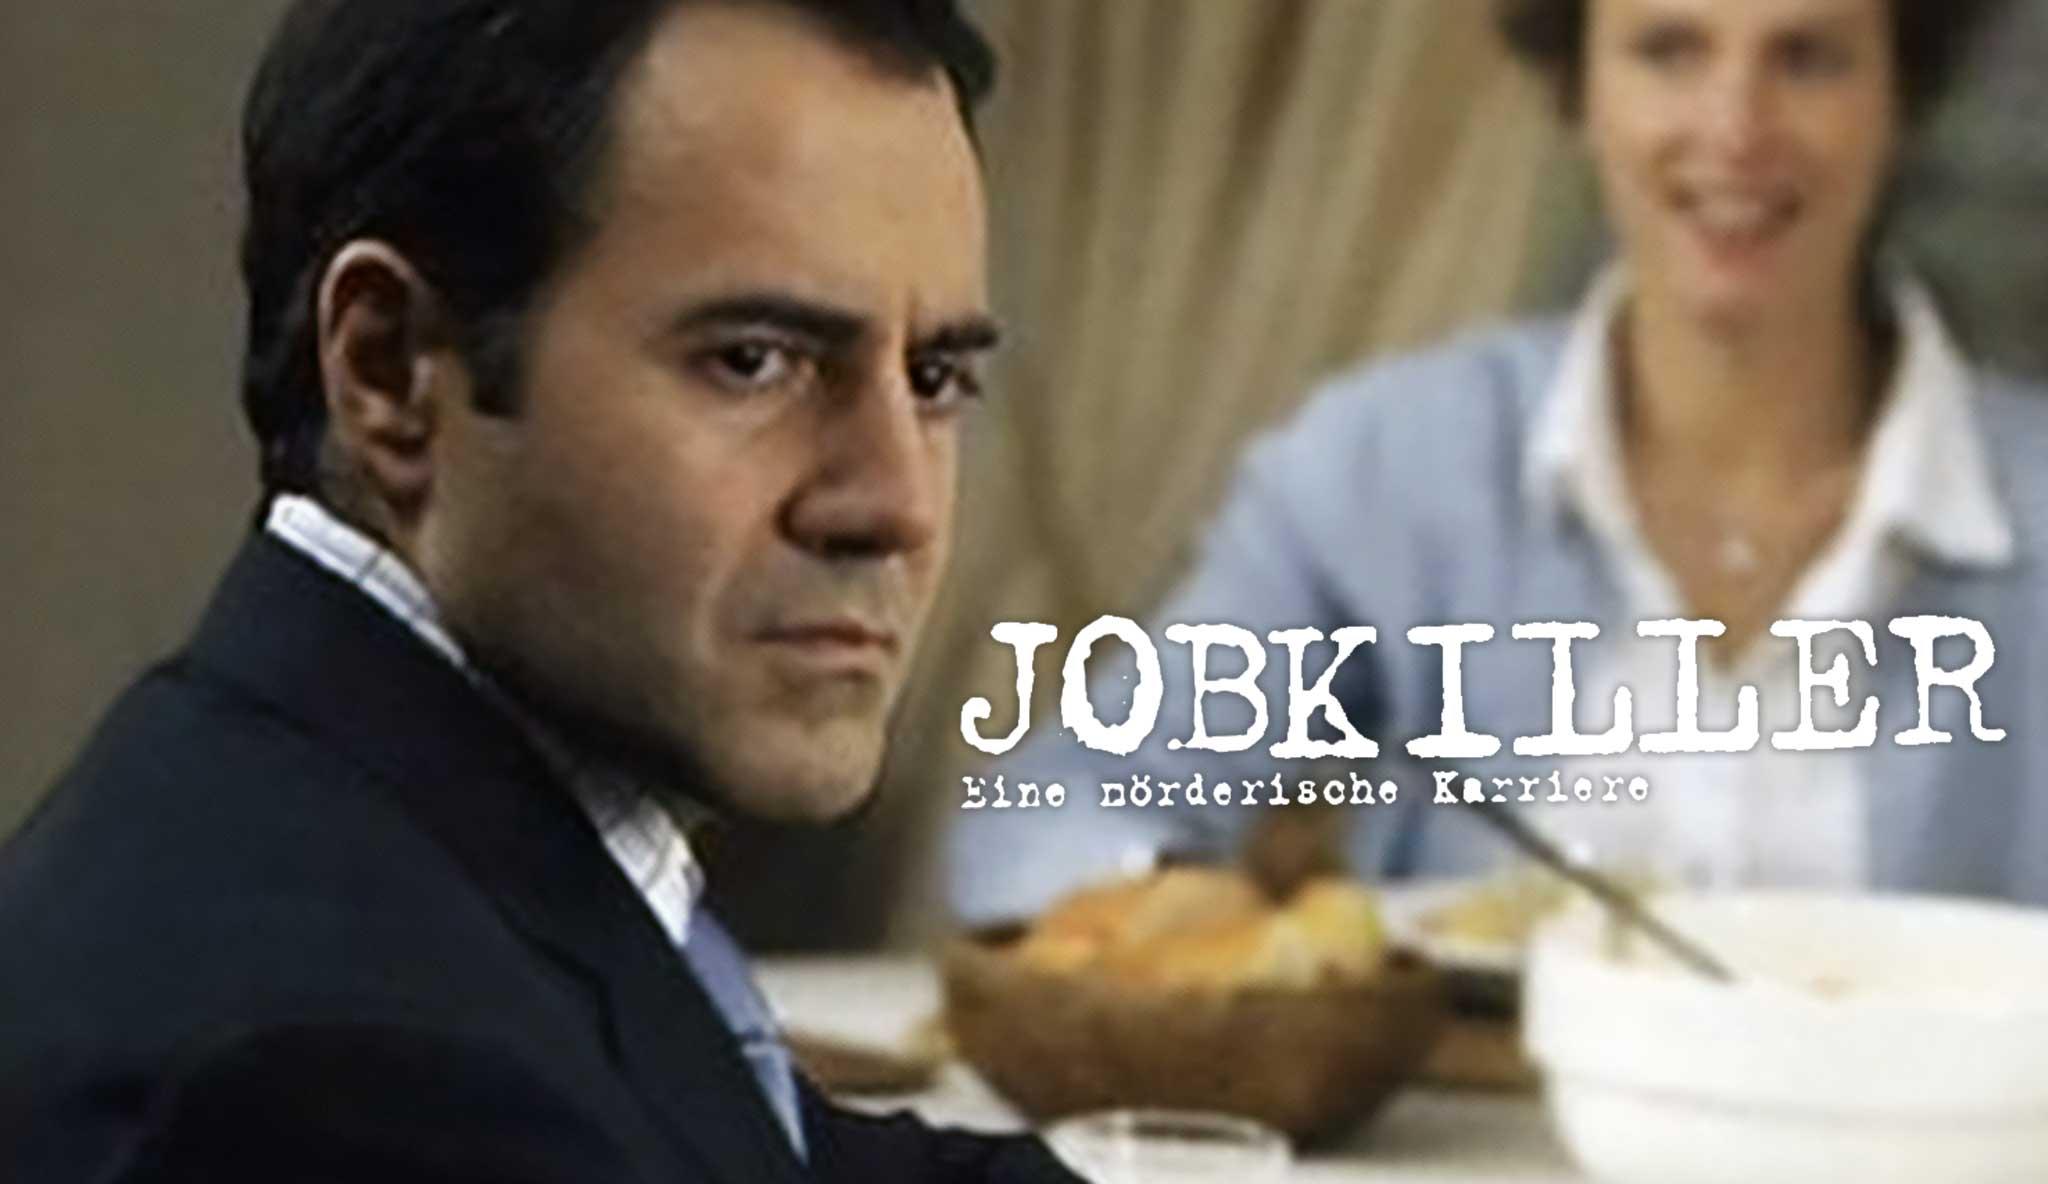 jobkiller-eine-morderische-karriere\header.jpg